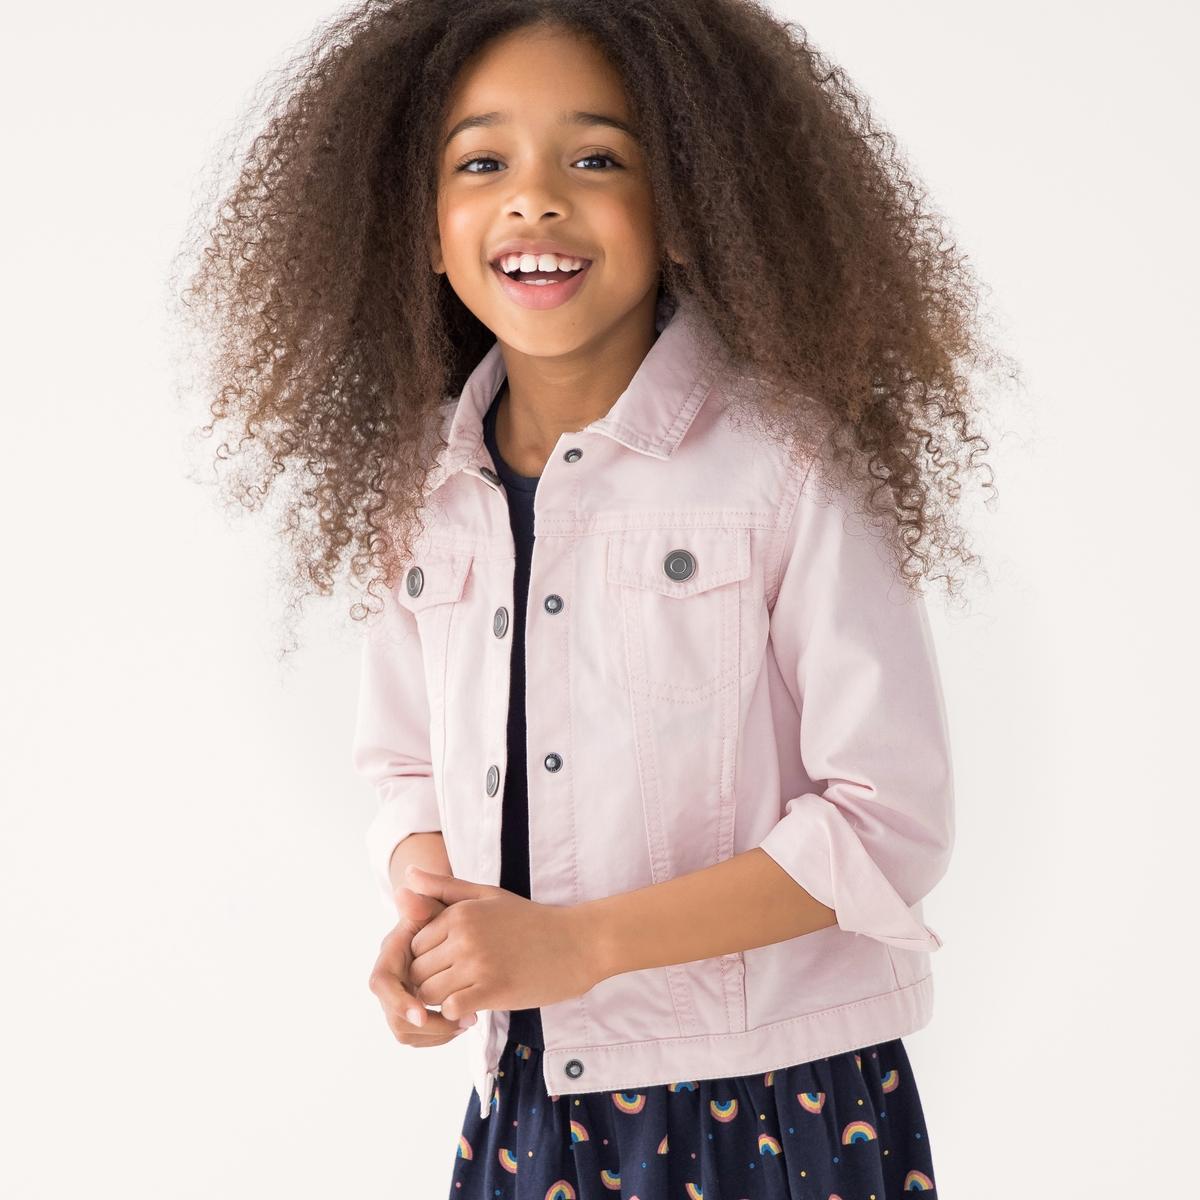 Жакет La Redoute Короткий с застежкой на пуговицы 3 года - 94 см розовый пиджак с застежкой на пуговицы sartorio